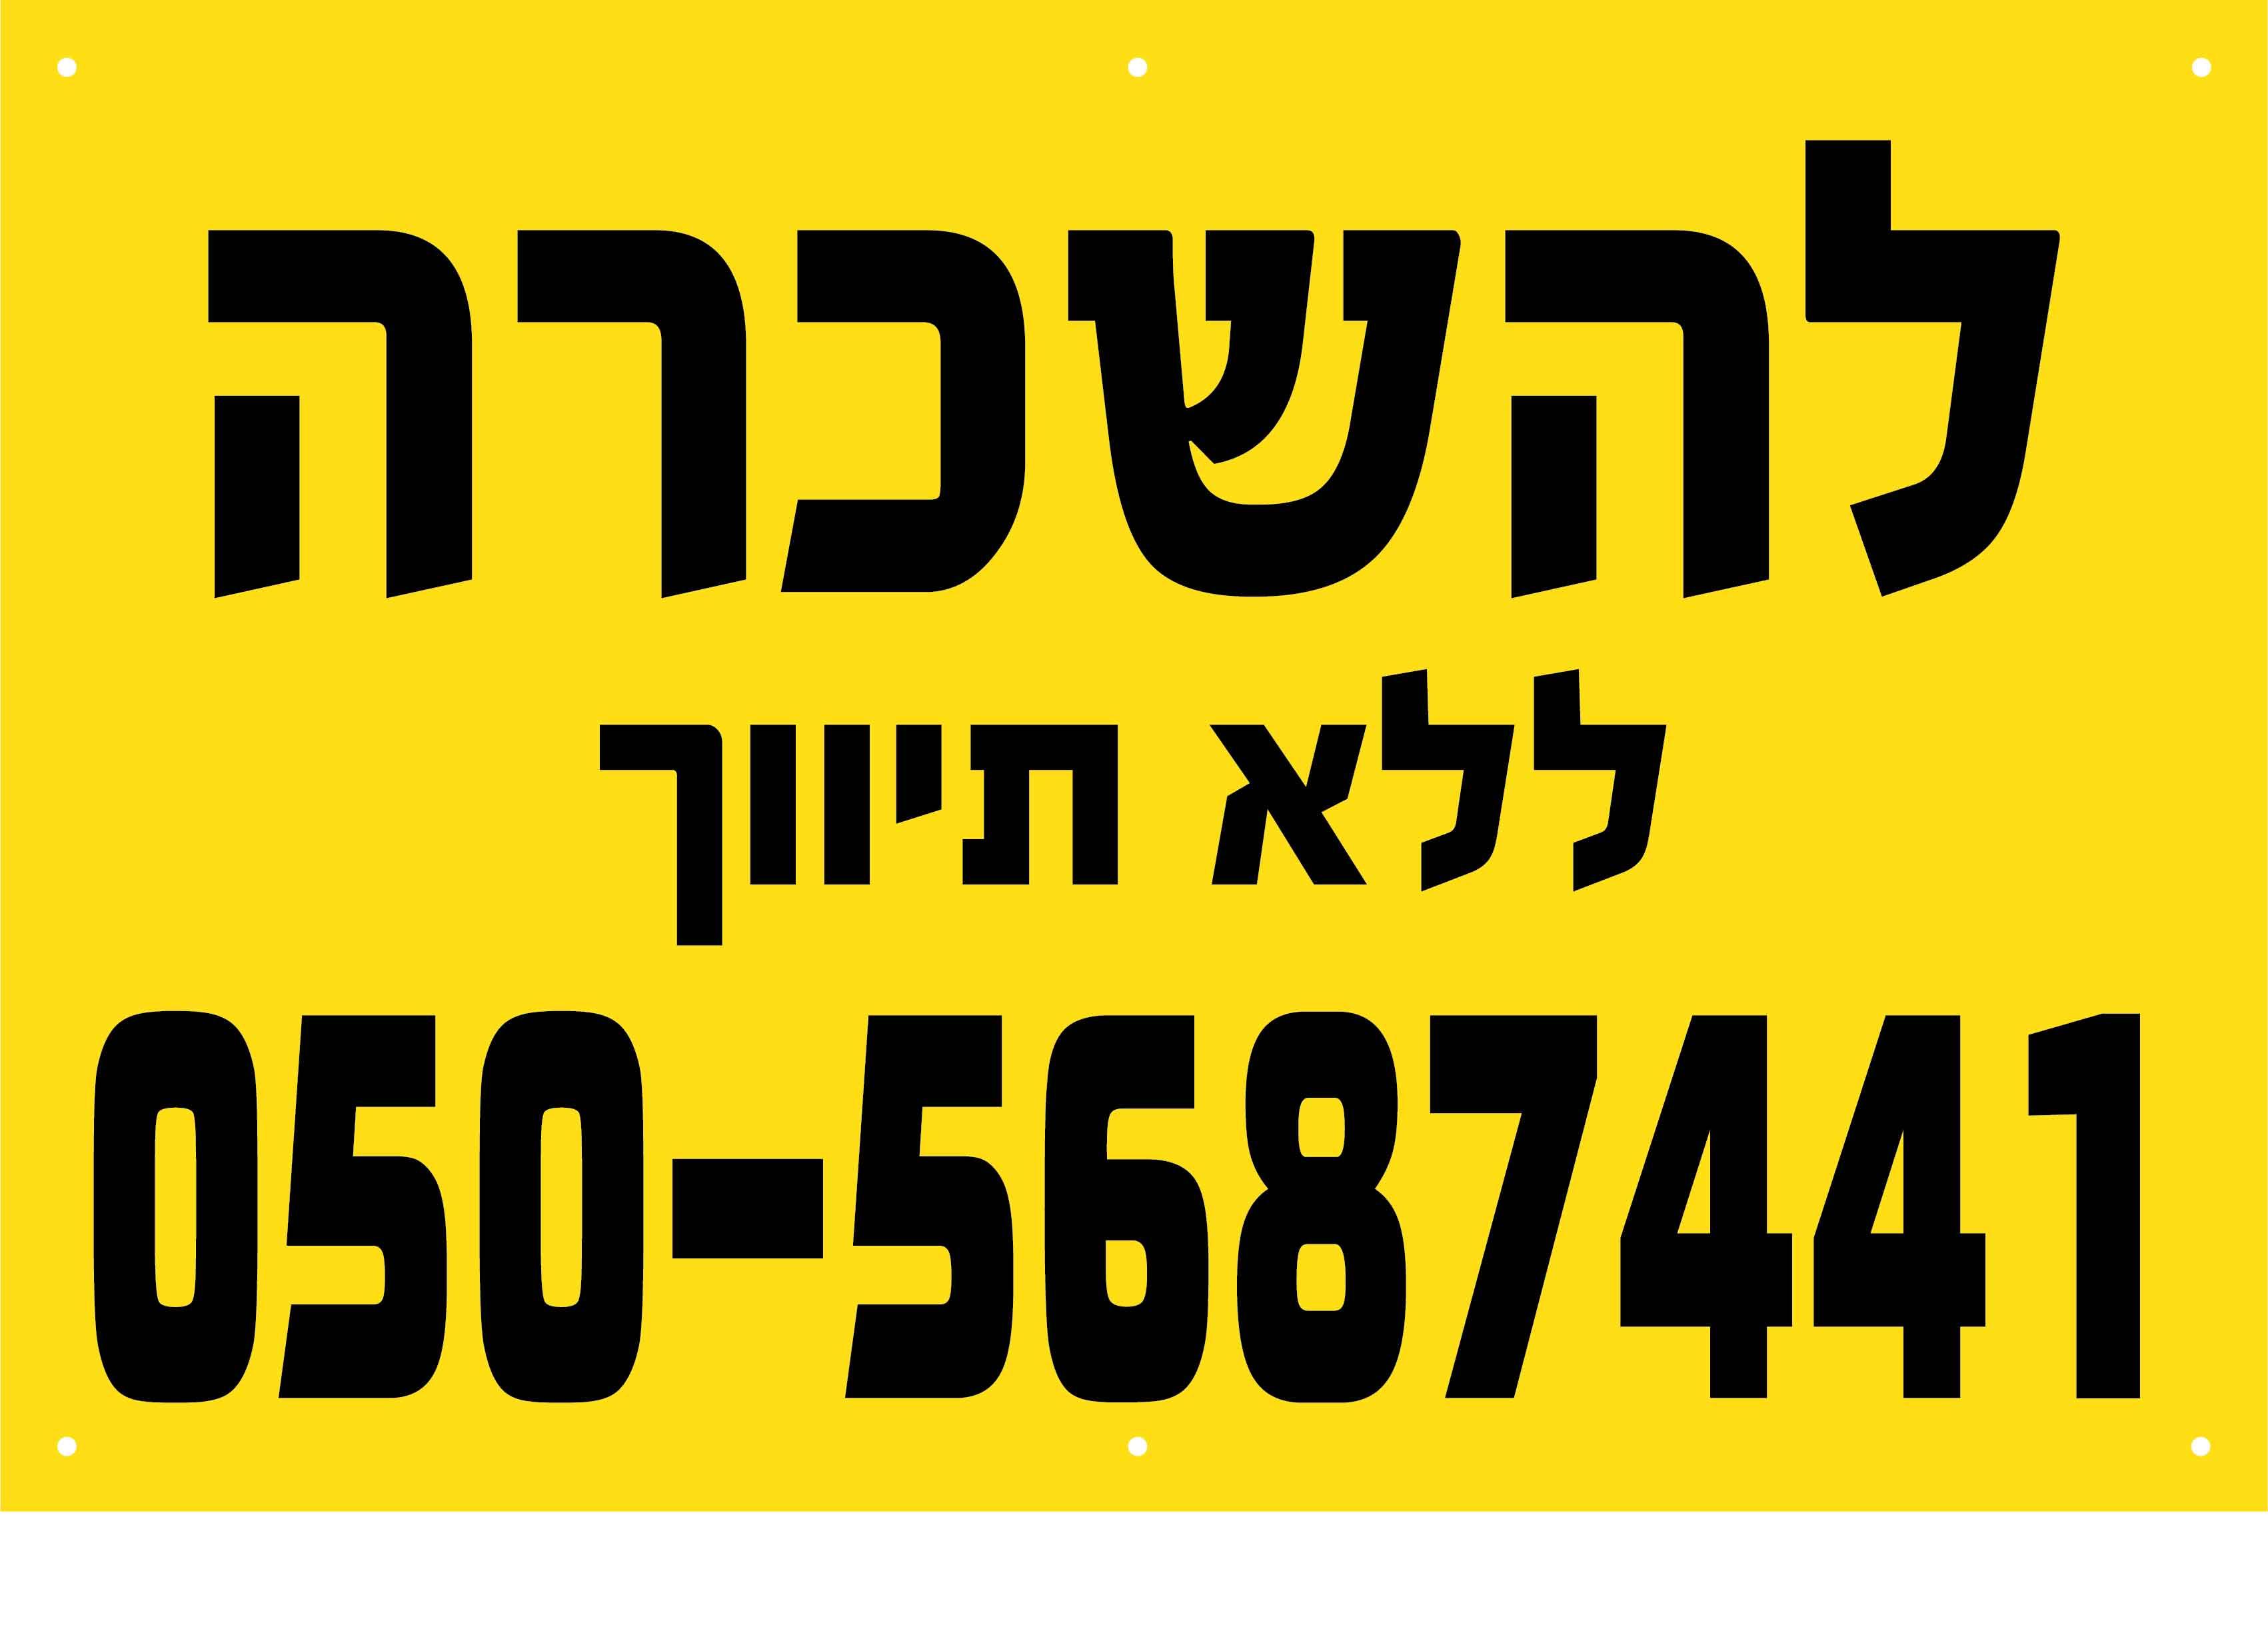 D שלט פוליפרופילן צהוב דירה להשכרה ללא תיווך 80/120 ס''מ